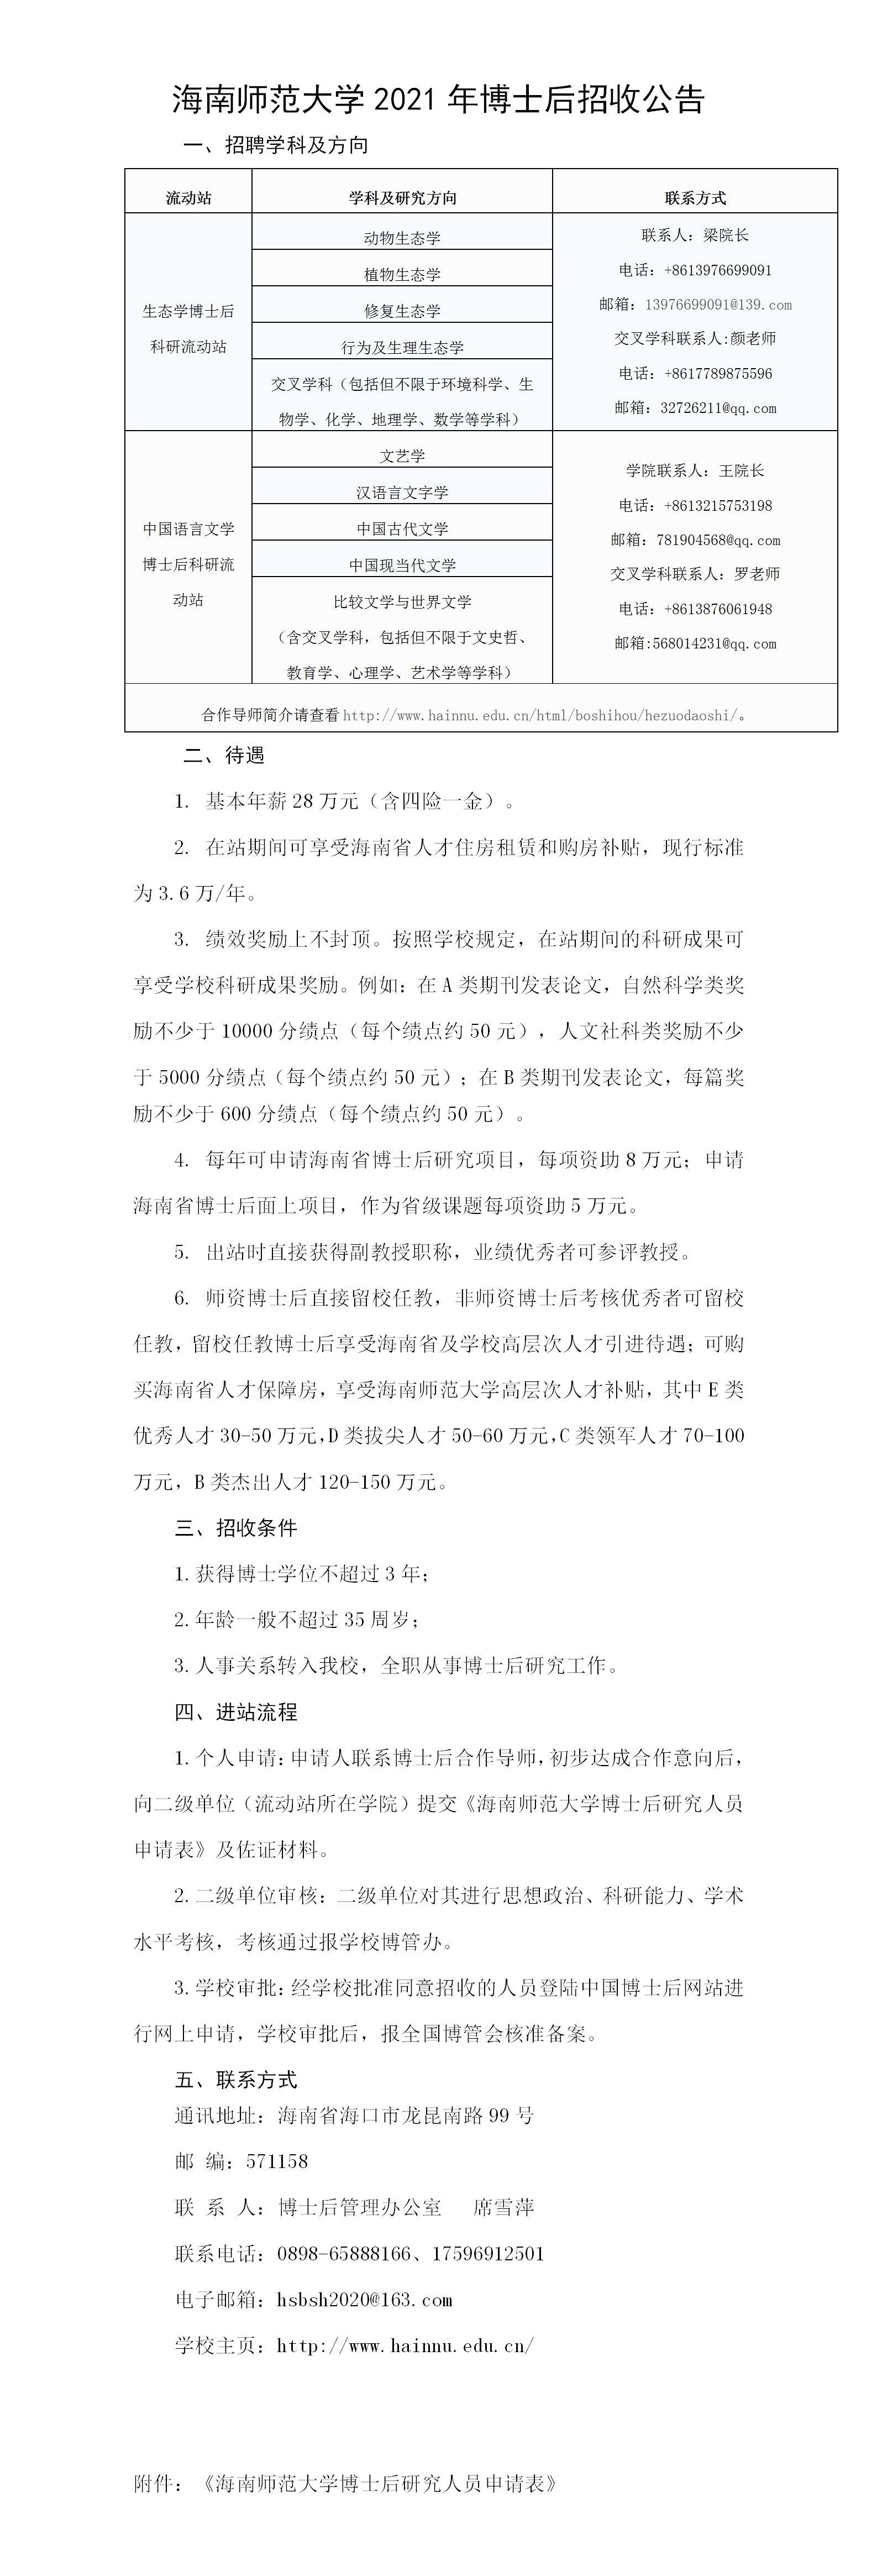 海南师范大学2021年博士后招生公告